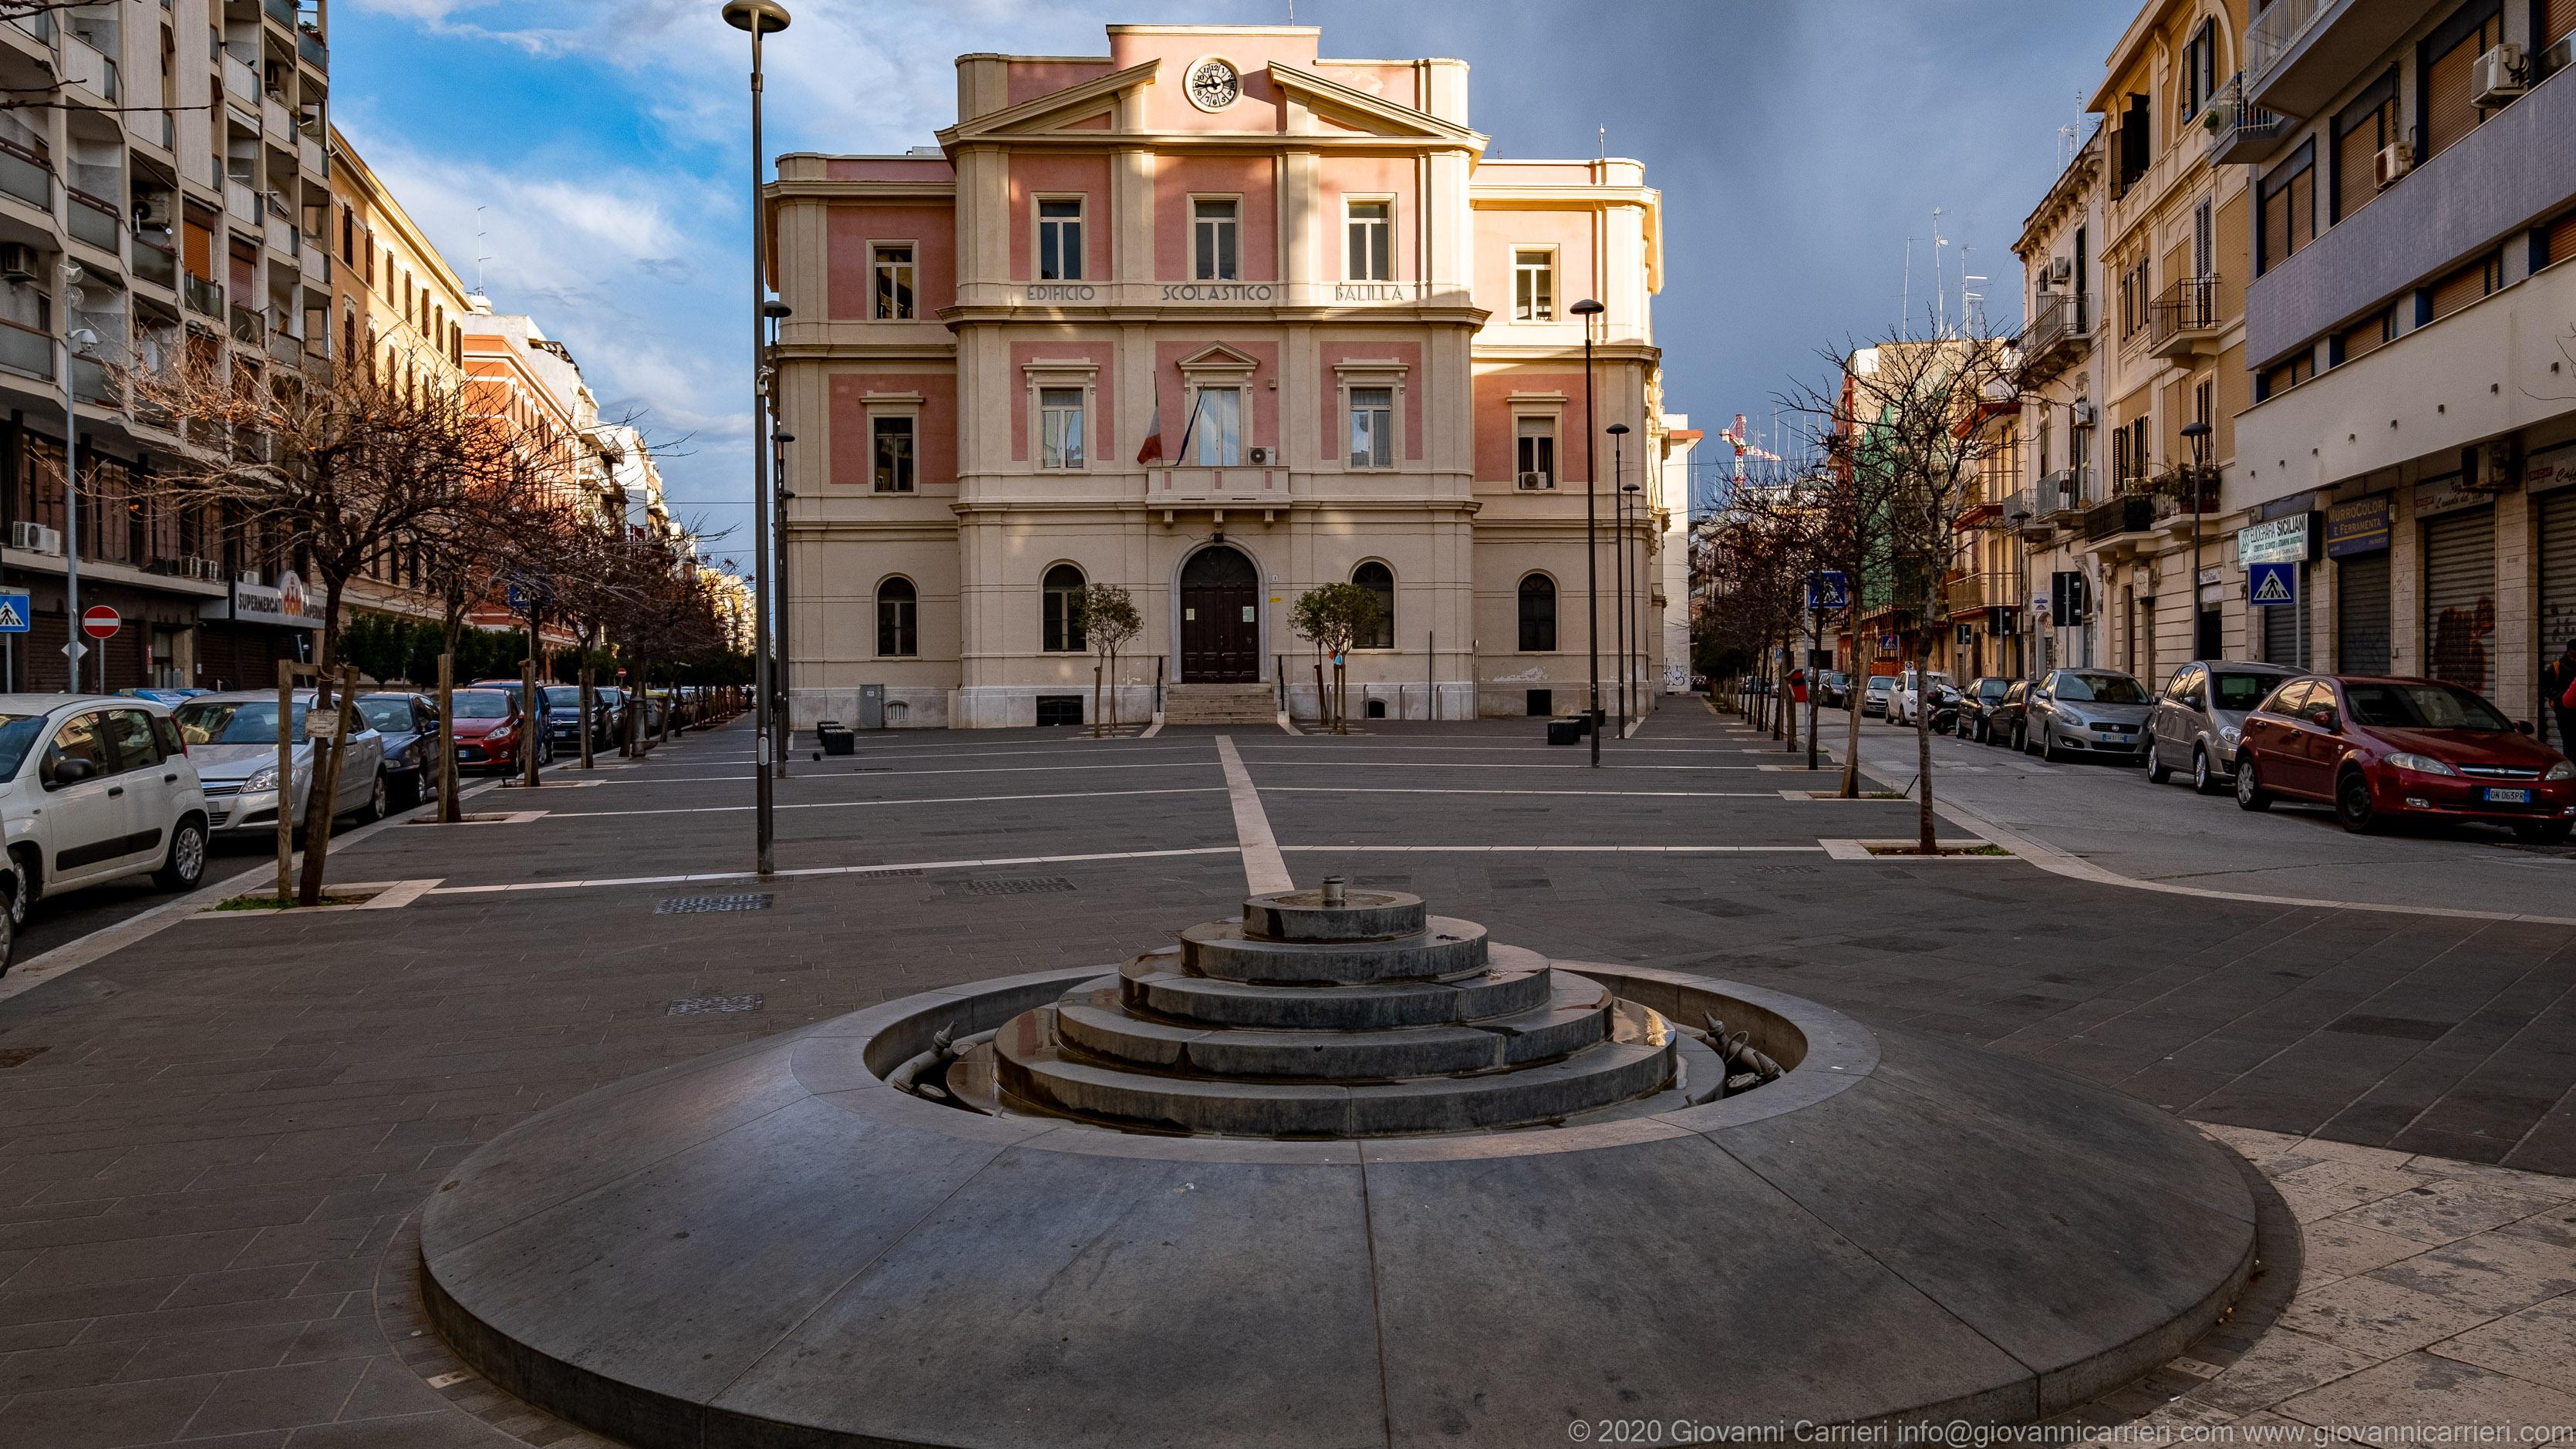 Piazza Carabellese, Bari